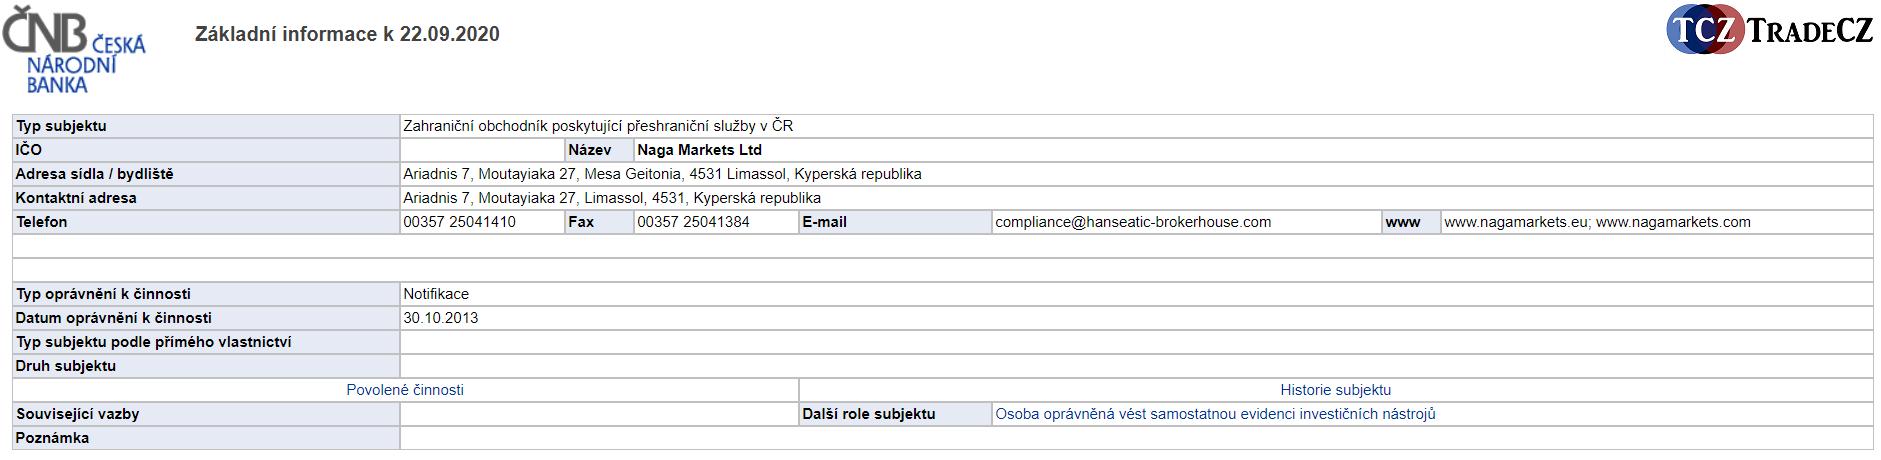 ČNB broker NAGA regulace